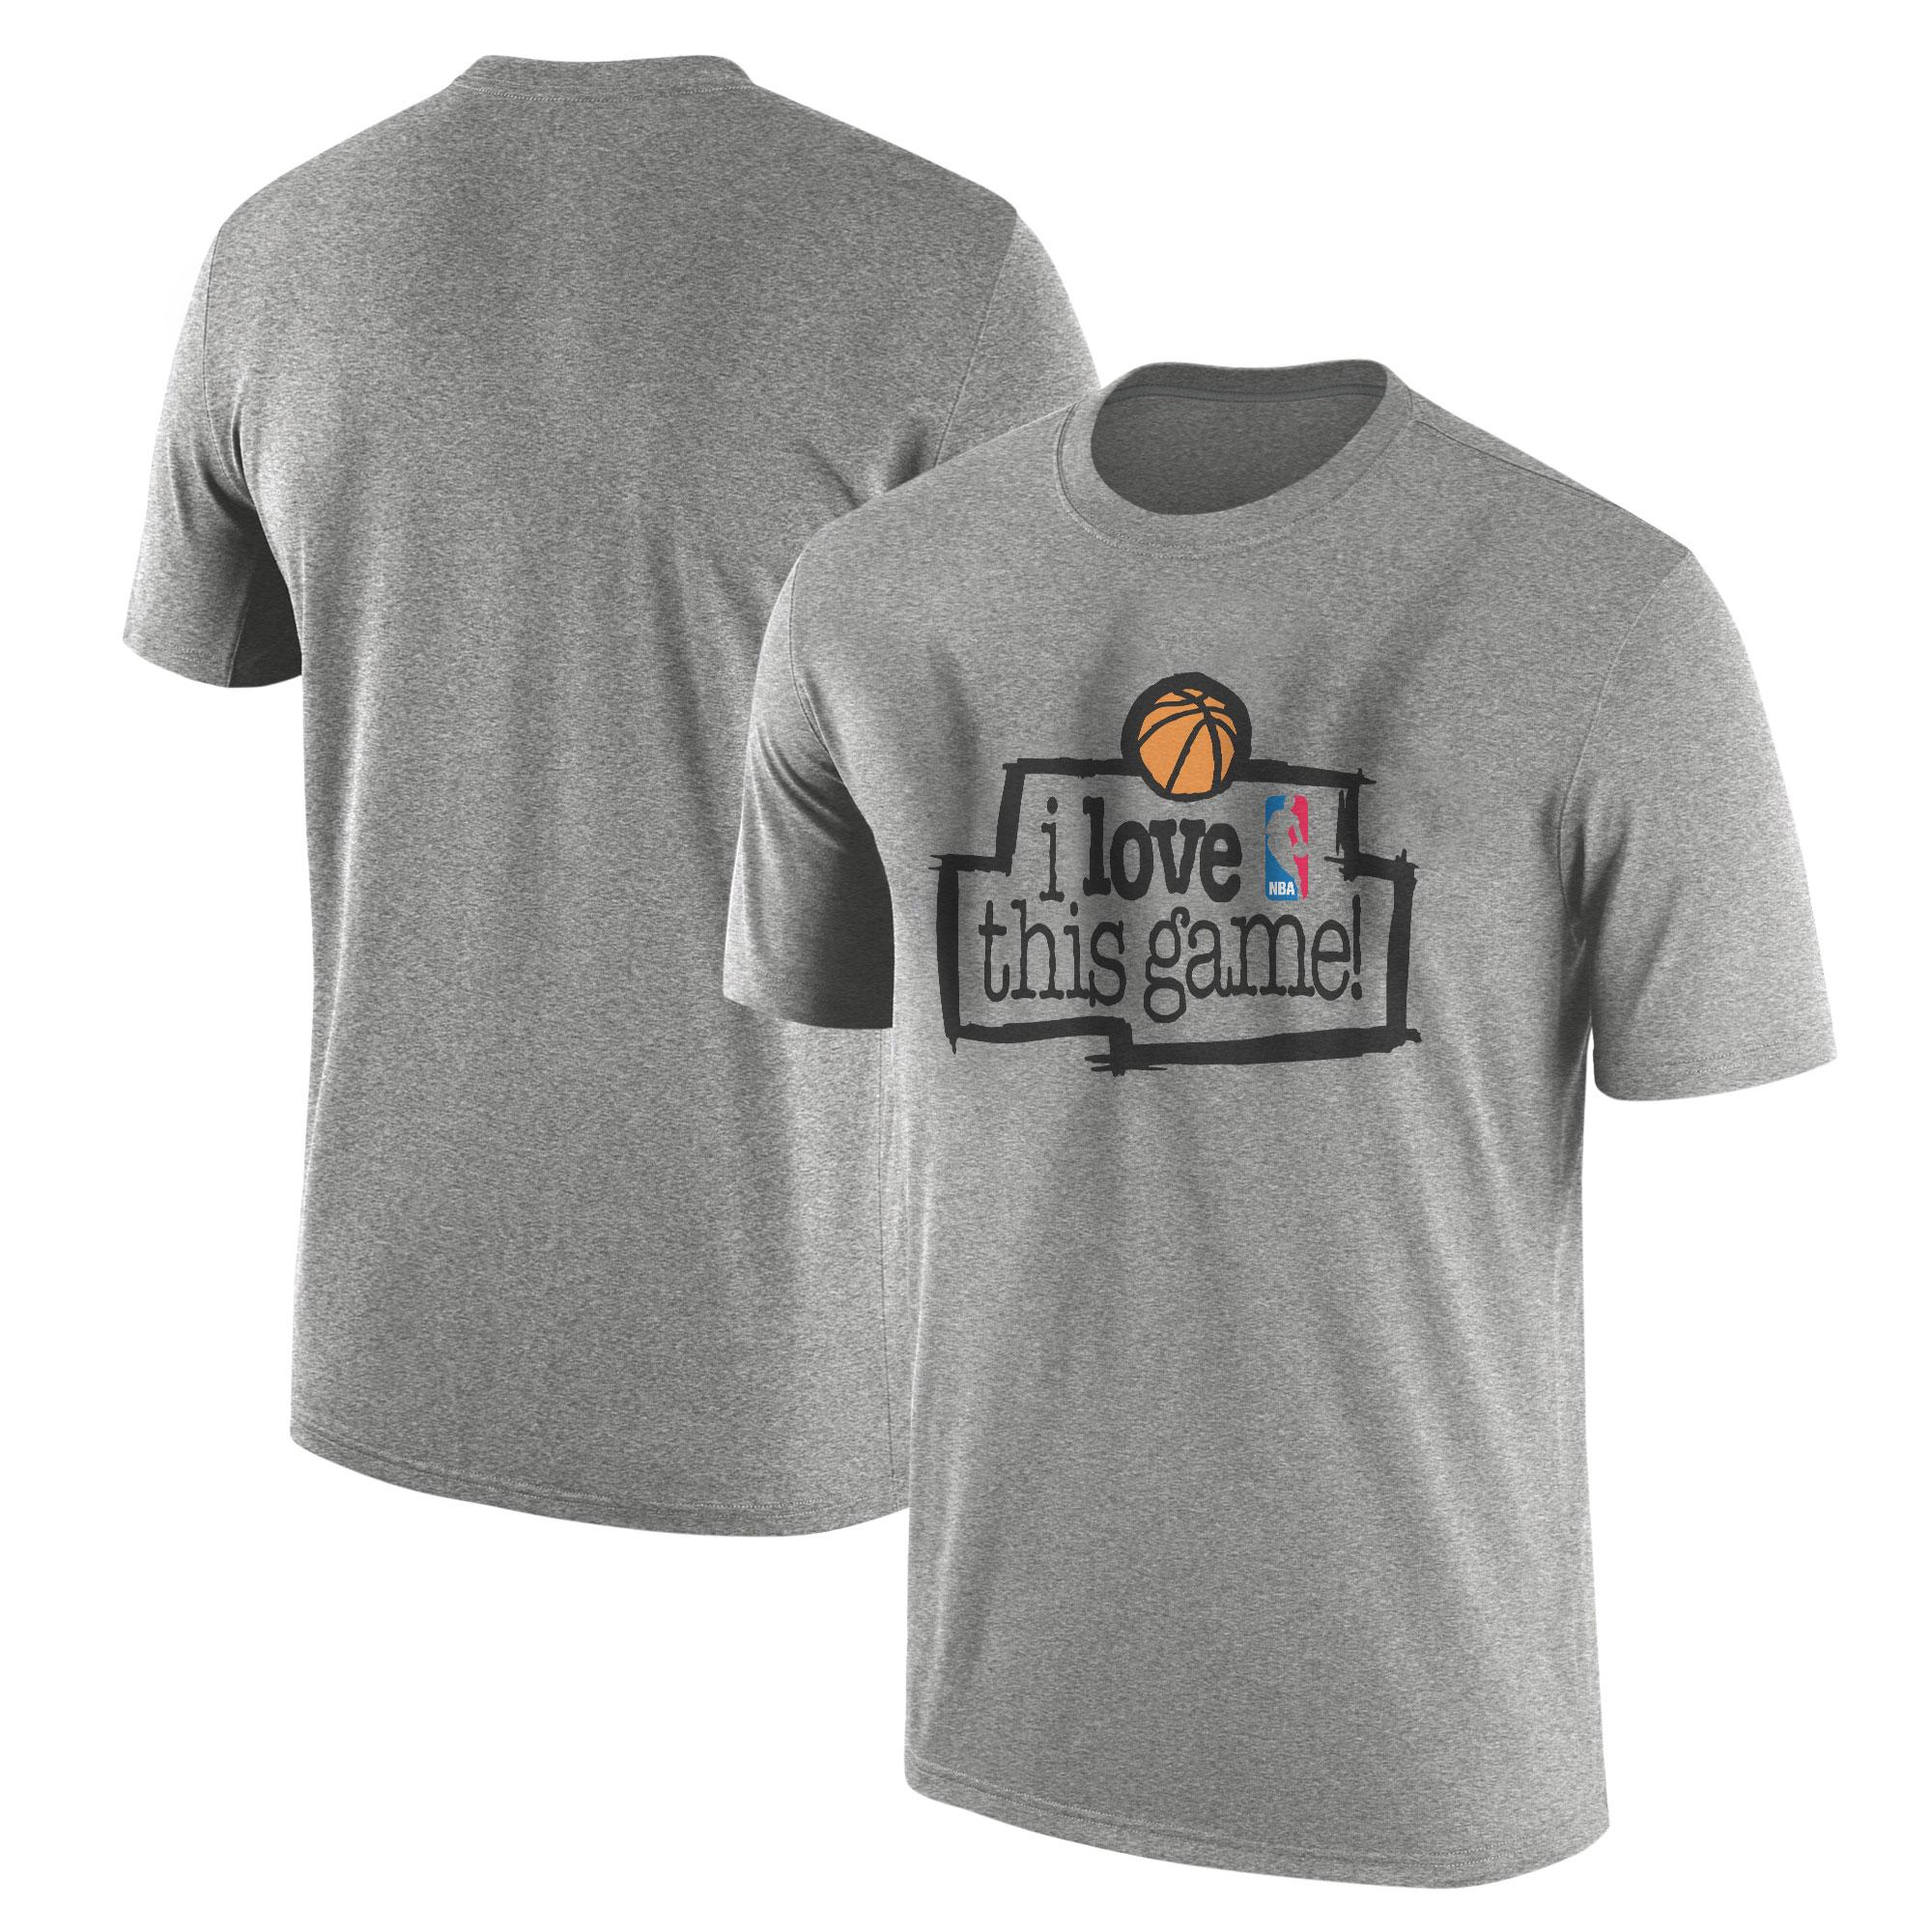 I Love This Game Tshirt (TSH-wht-370-lovethis01)